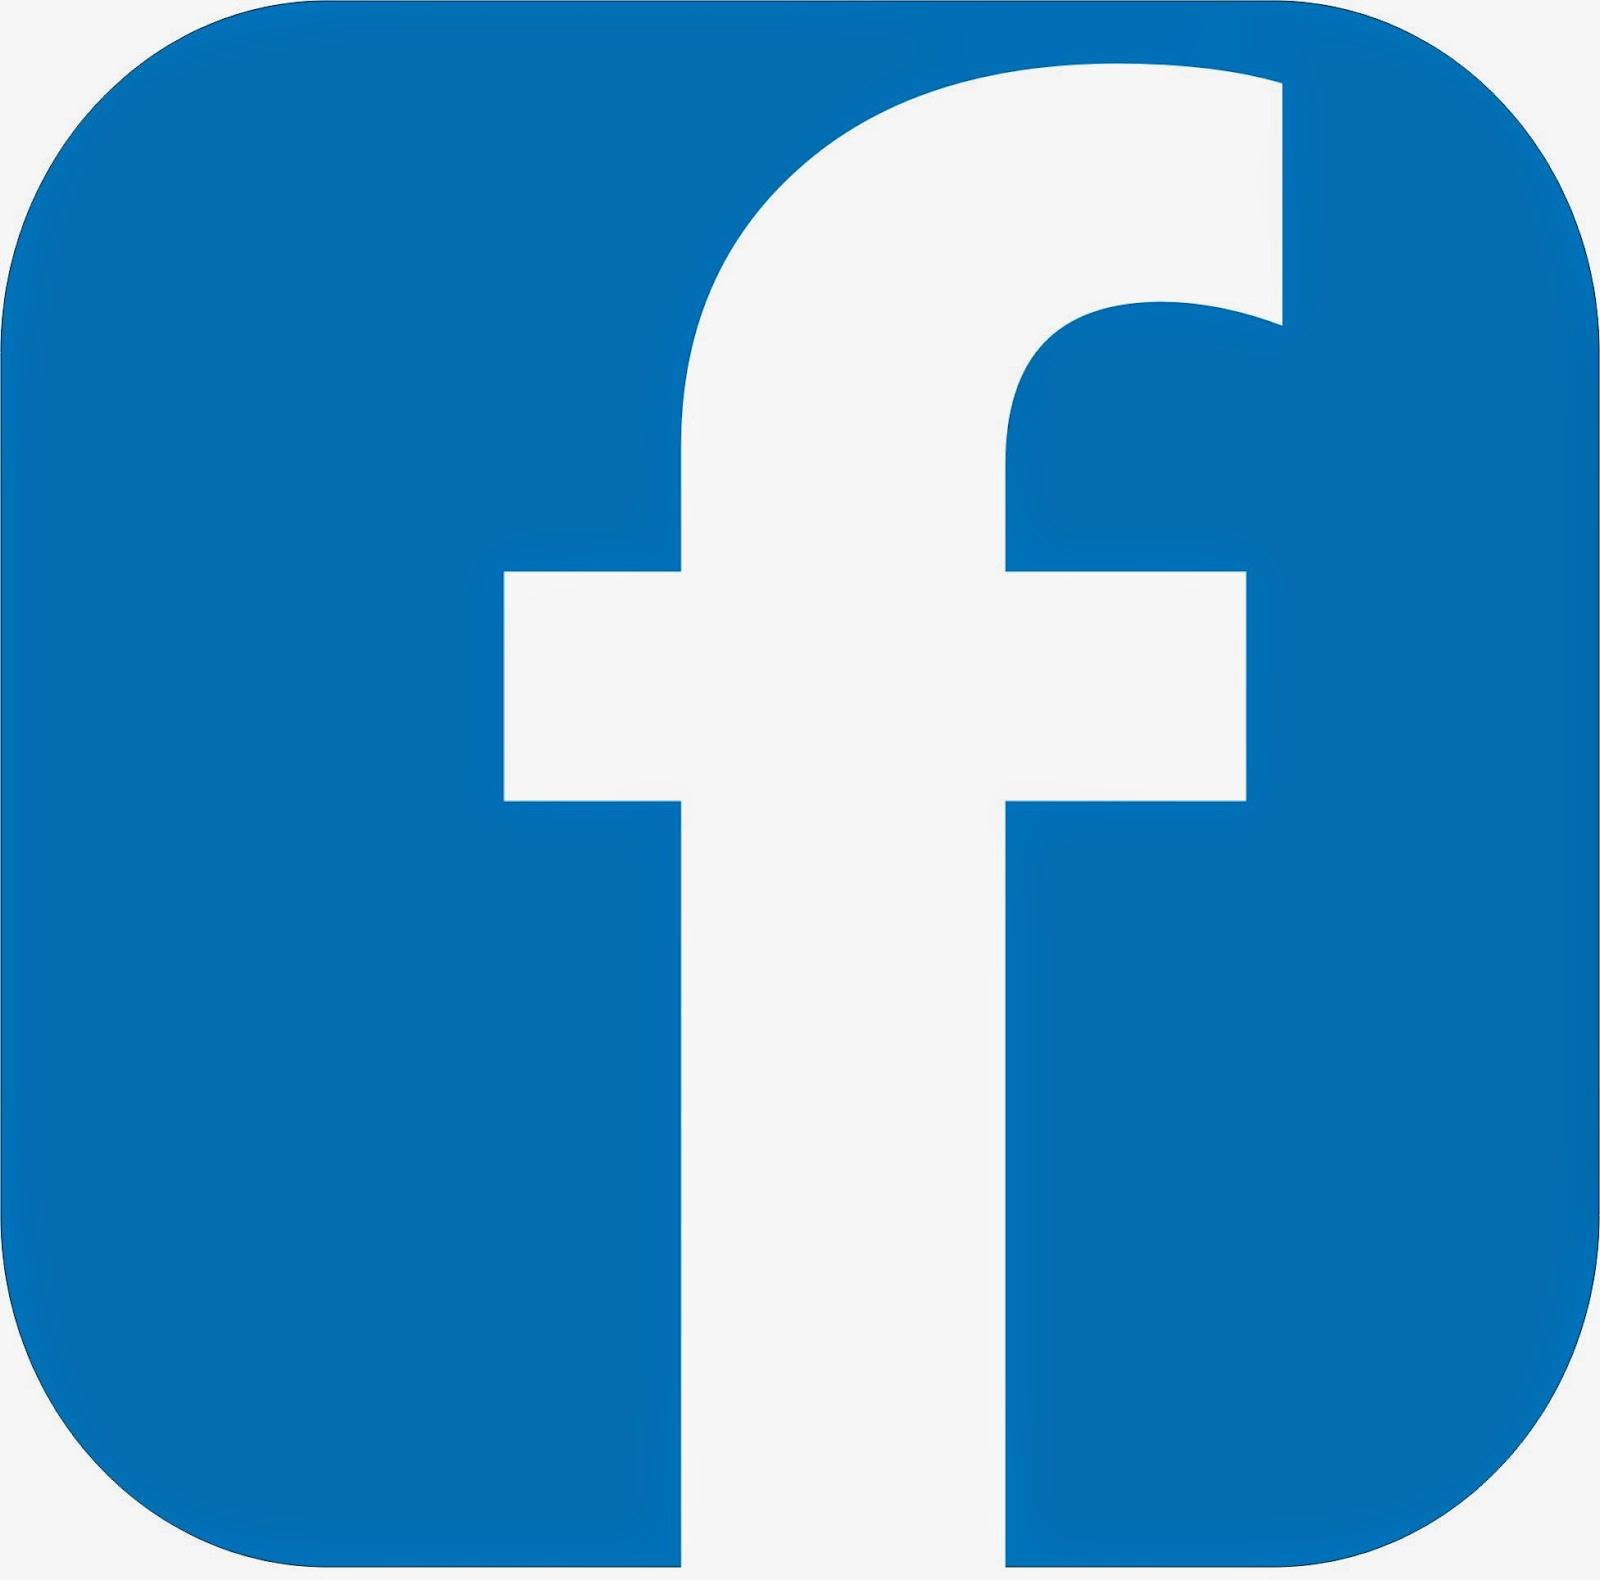 Cara membuat logo Facebook dengan Corel Draw| Tips Komputer | Trik Komputer | Blog Tutorial